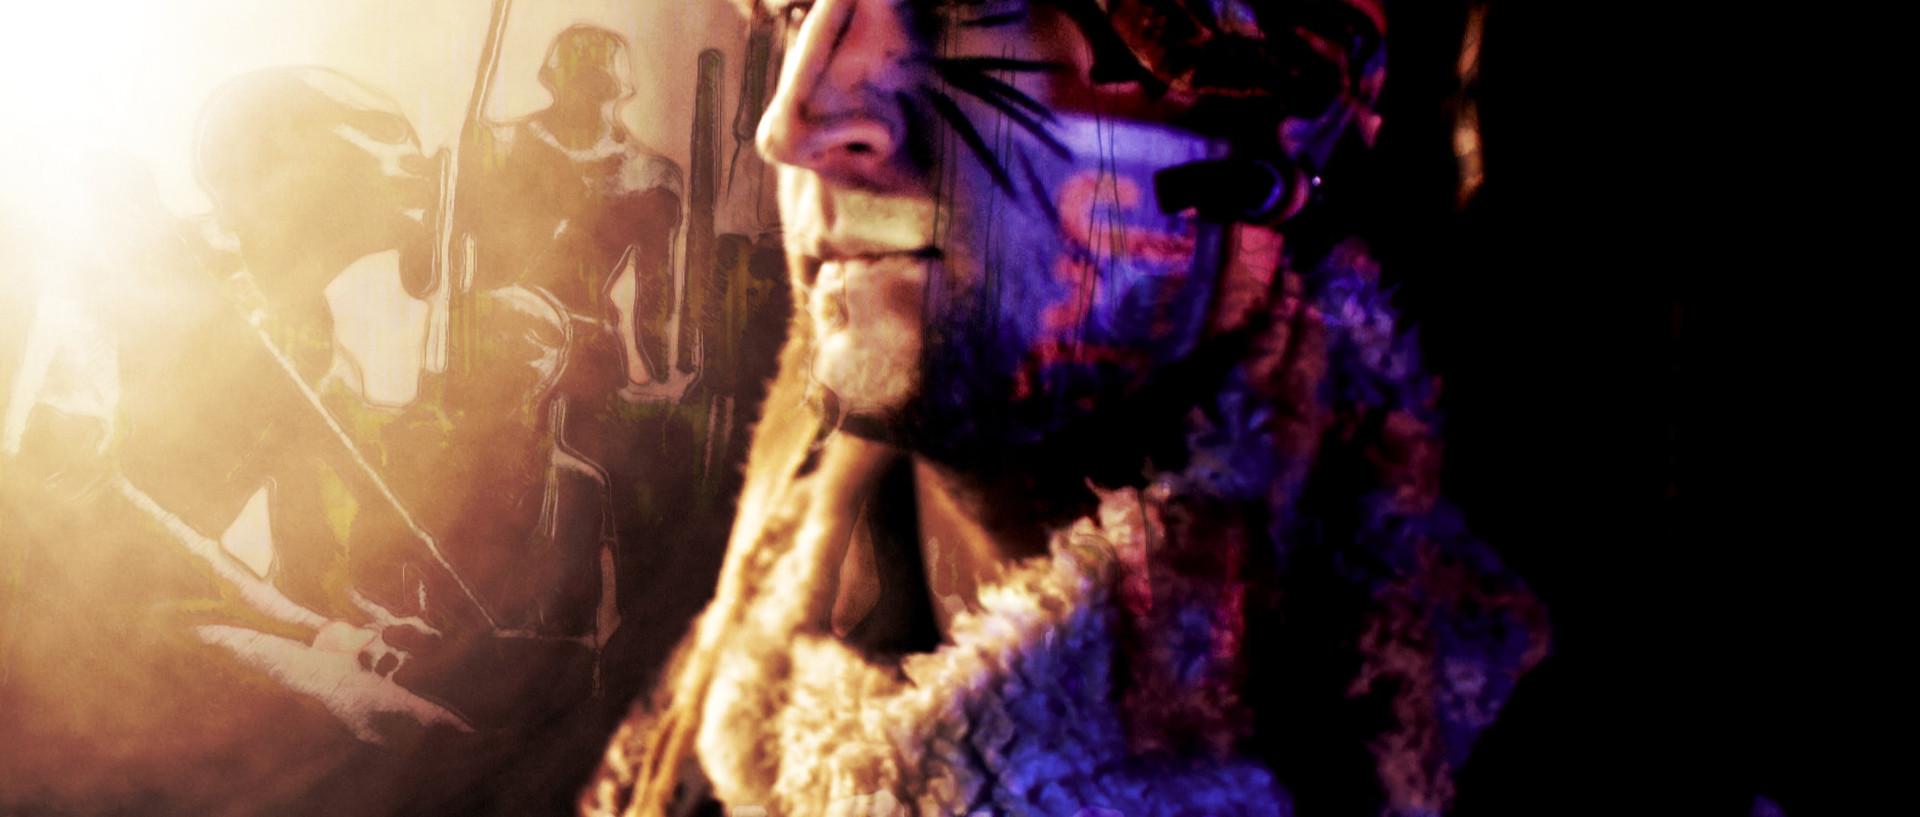 DirenAgbaba_musicvideo_Urukhigh_8